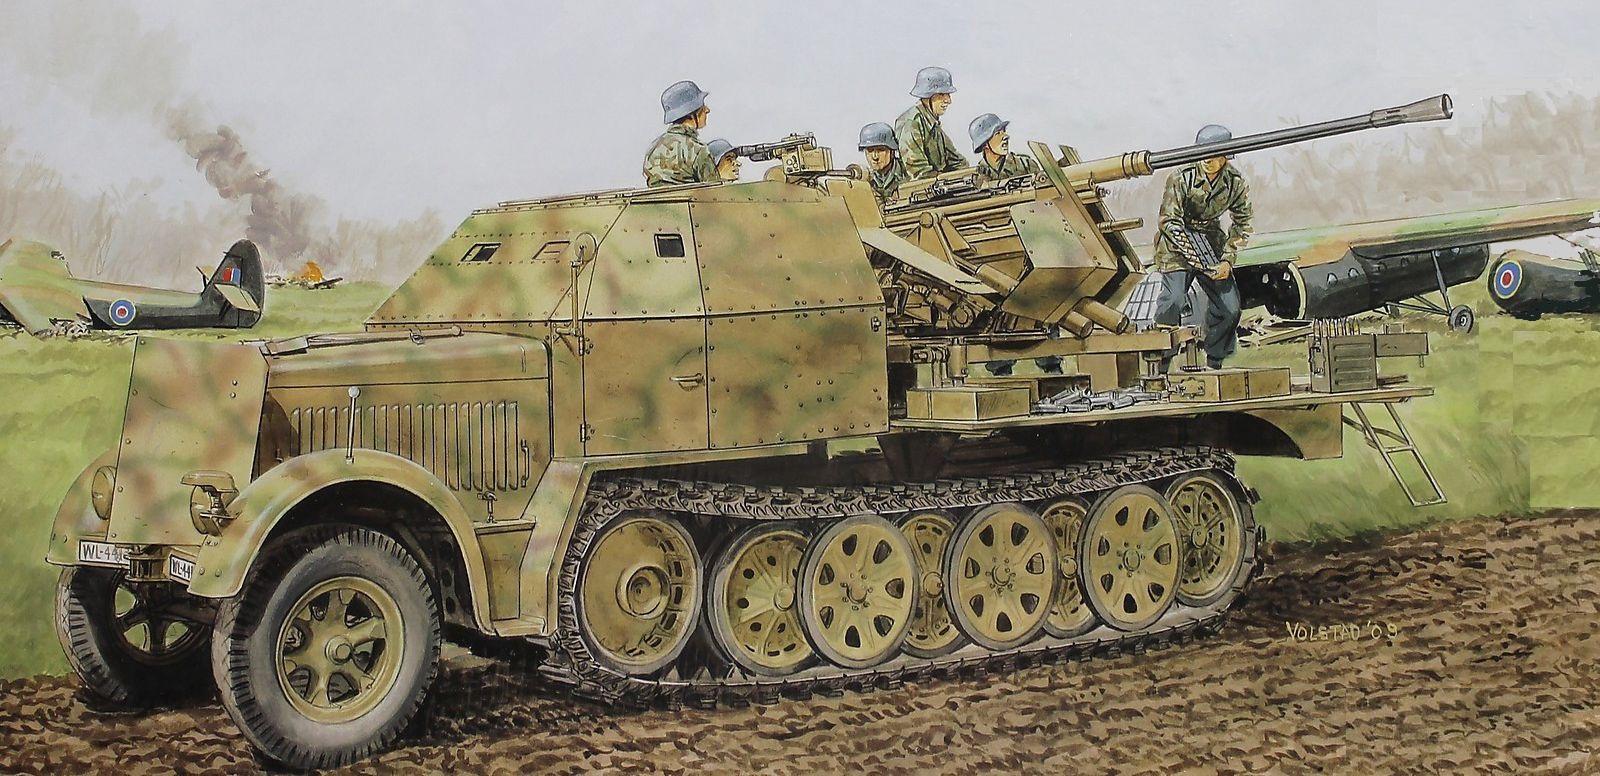 Volstad Ronald. ЗСУ Flak 37 на базе SdKfz 7.